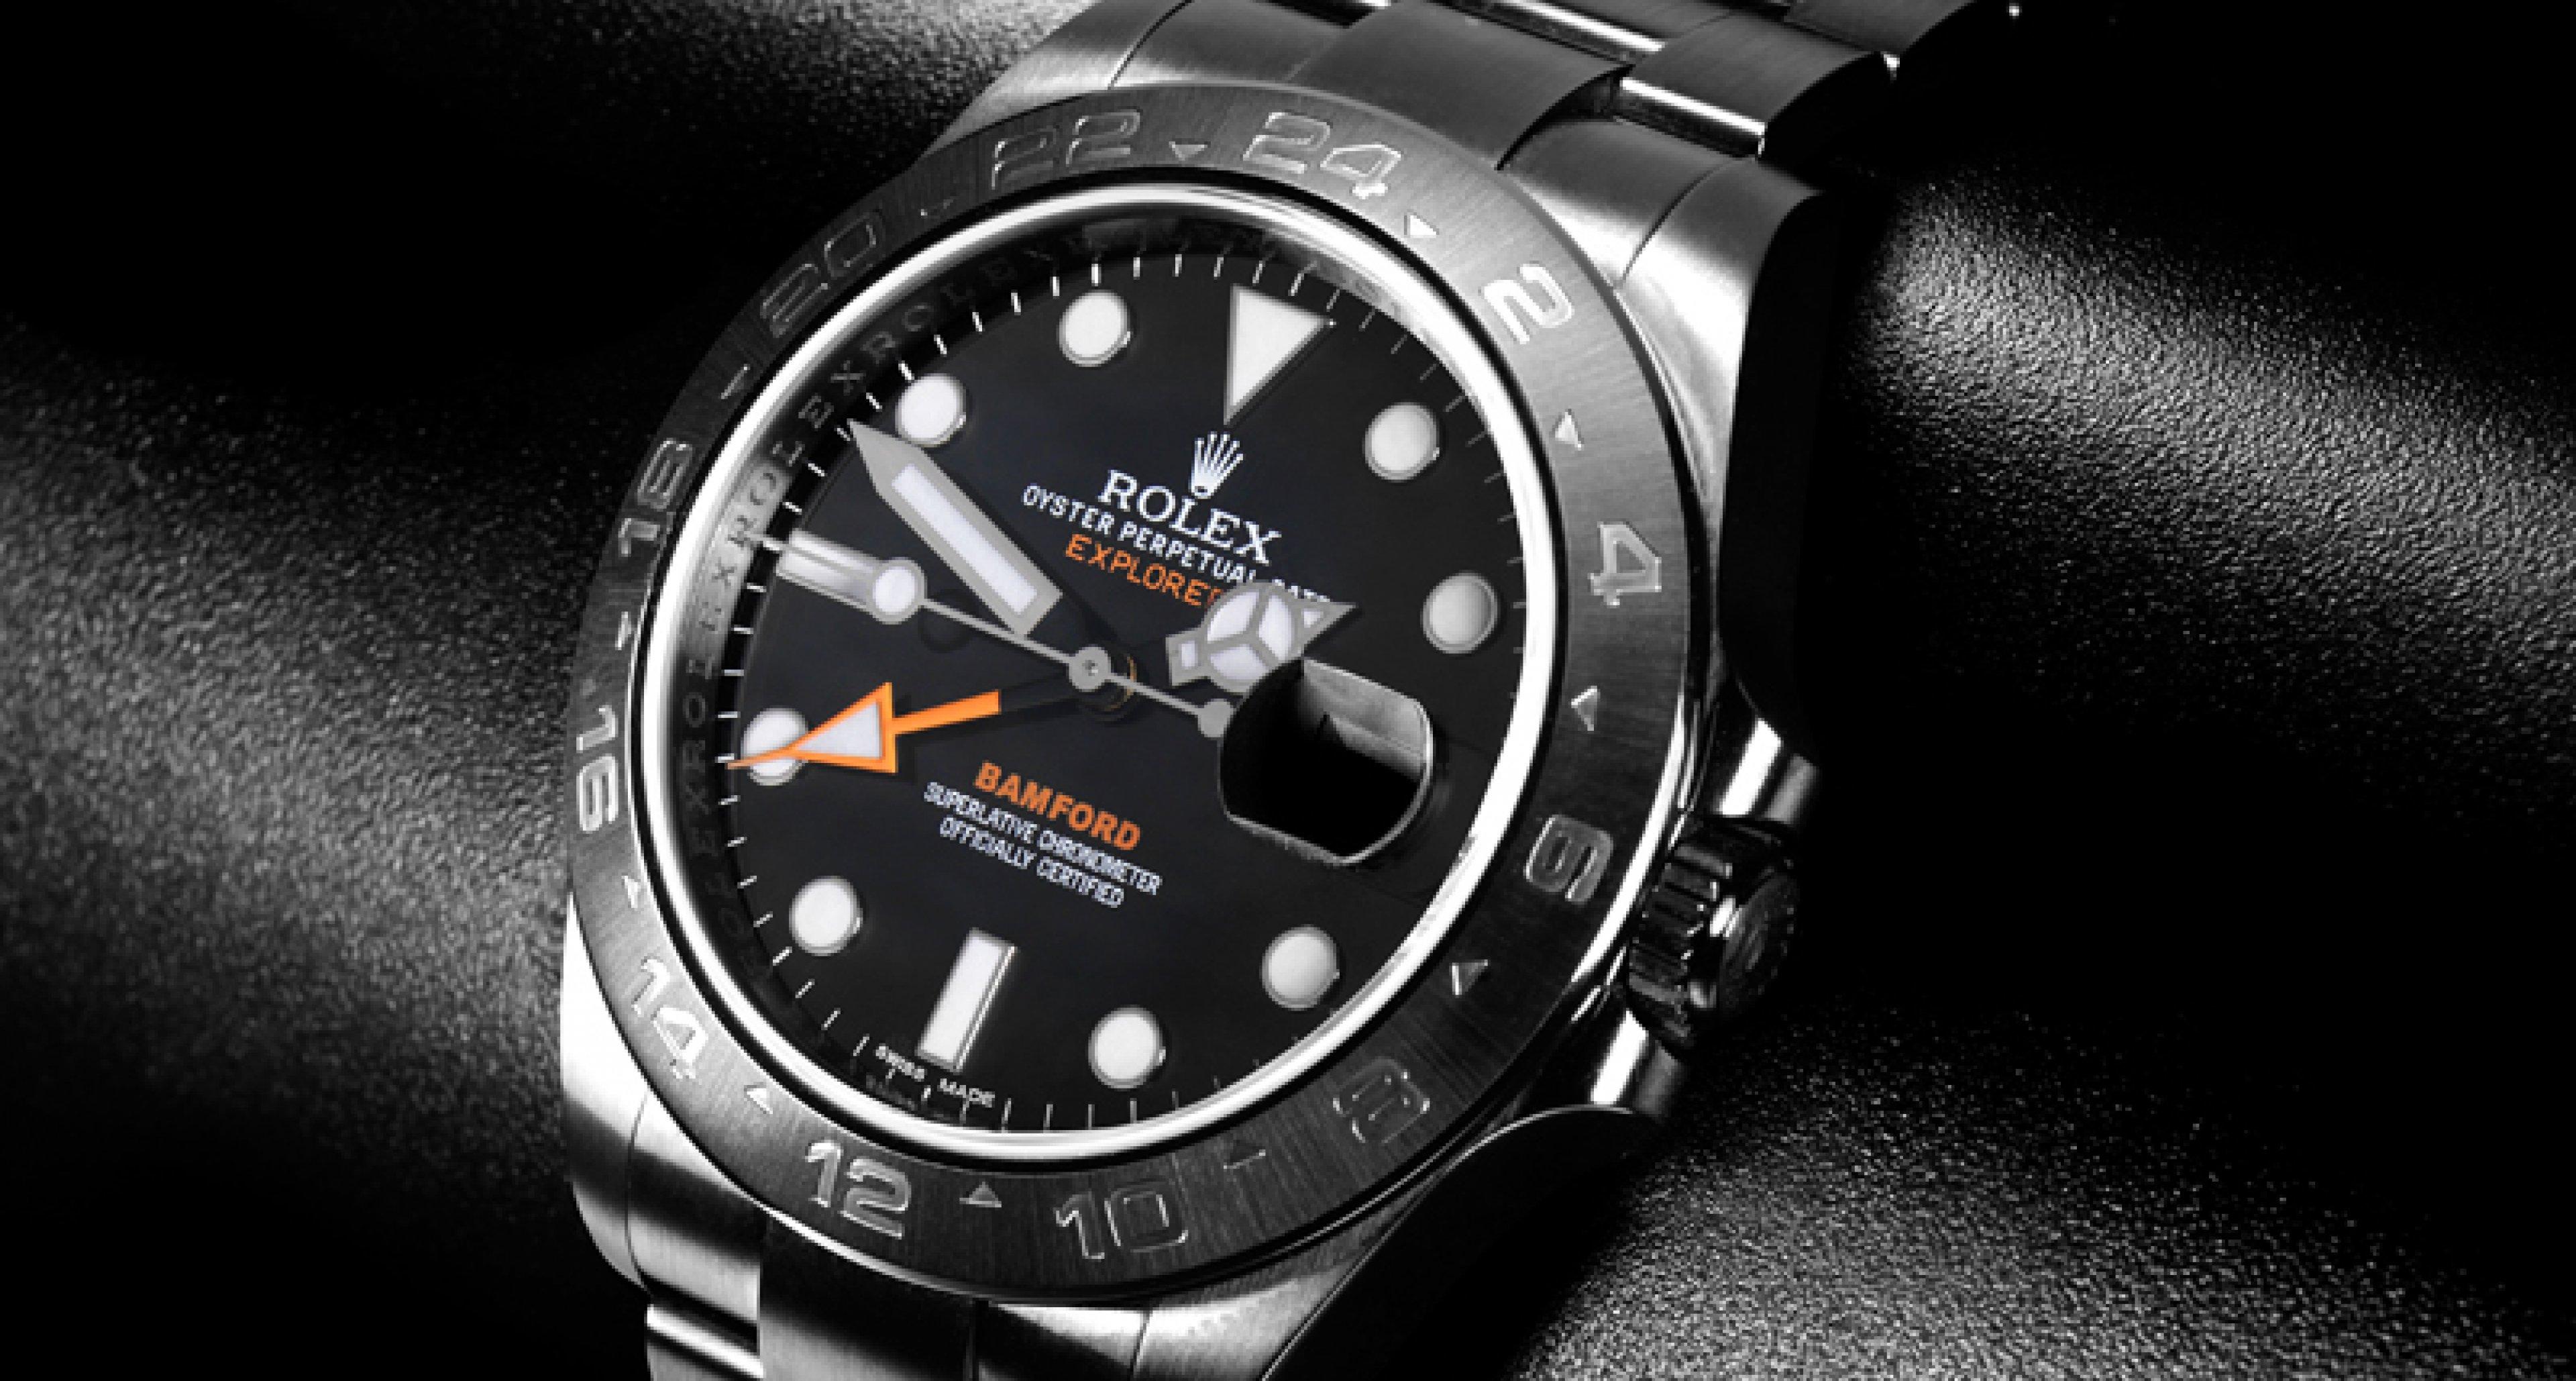 Fünf Fragen an: George Bamford, Uhrendesigner